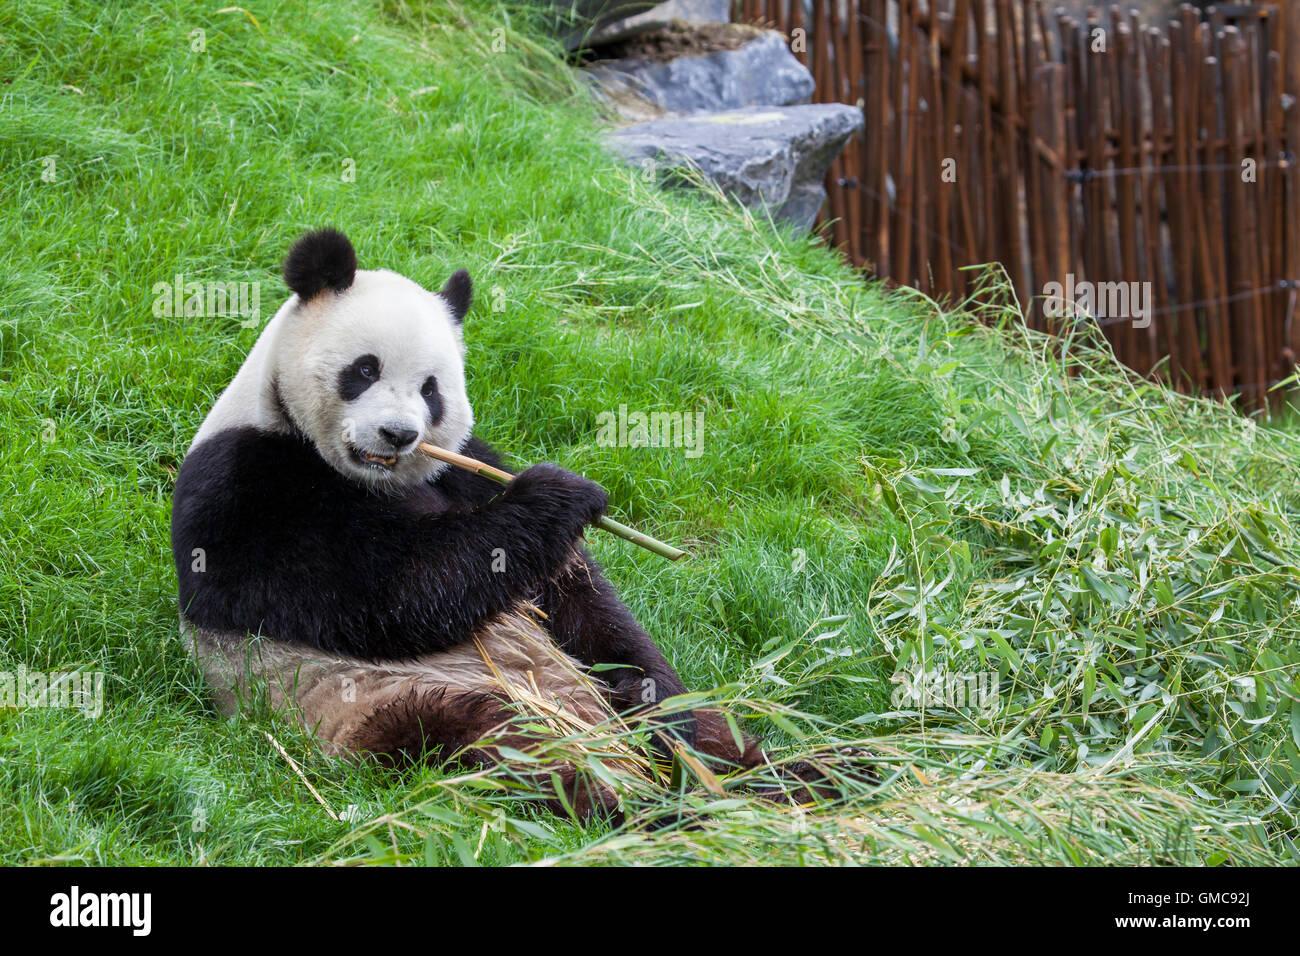 Panda se sienta en el suelo y come de bambú en un zoológico Imagen De Stock